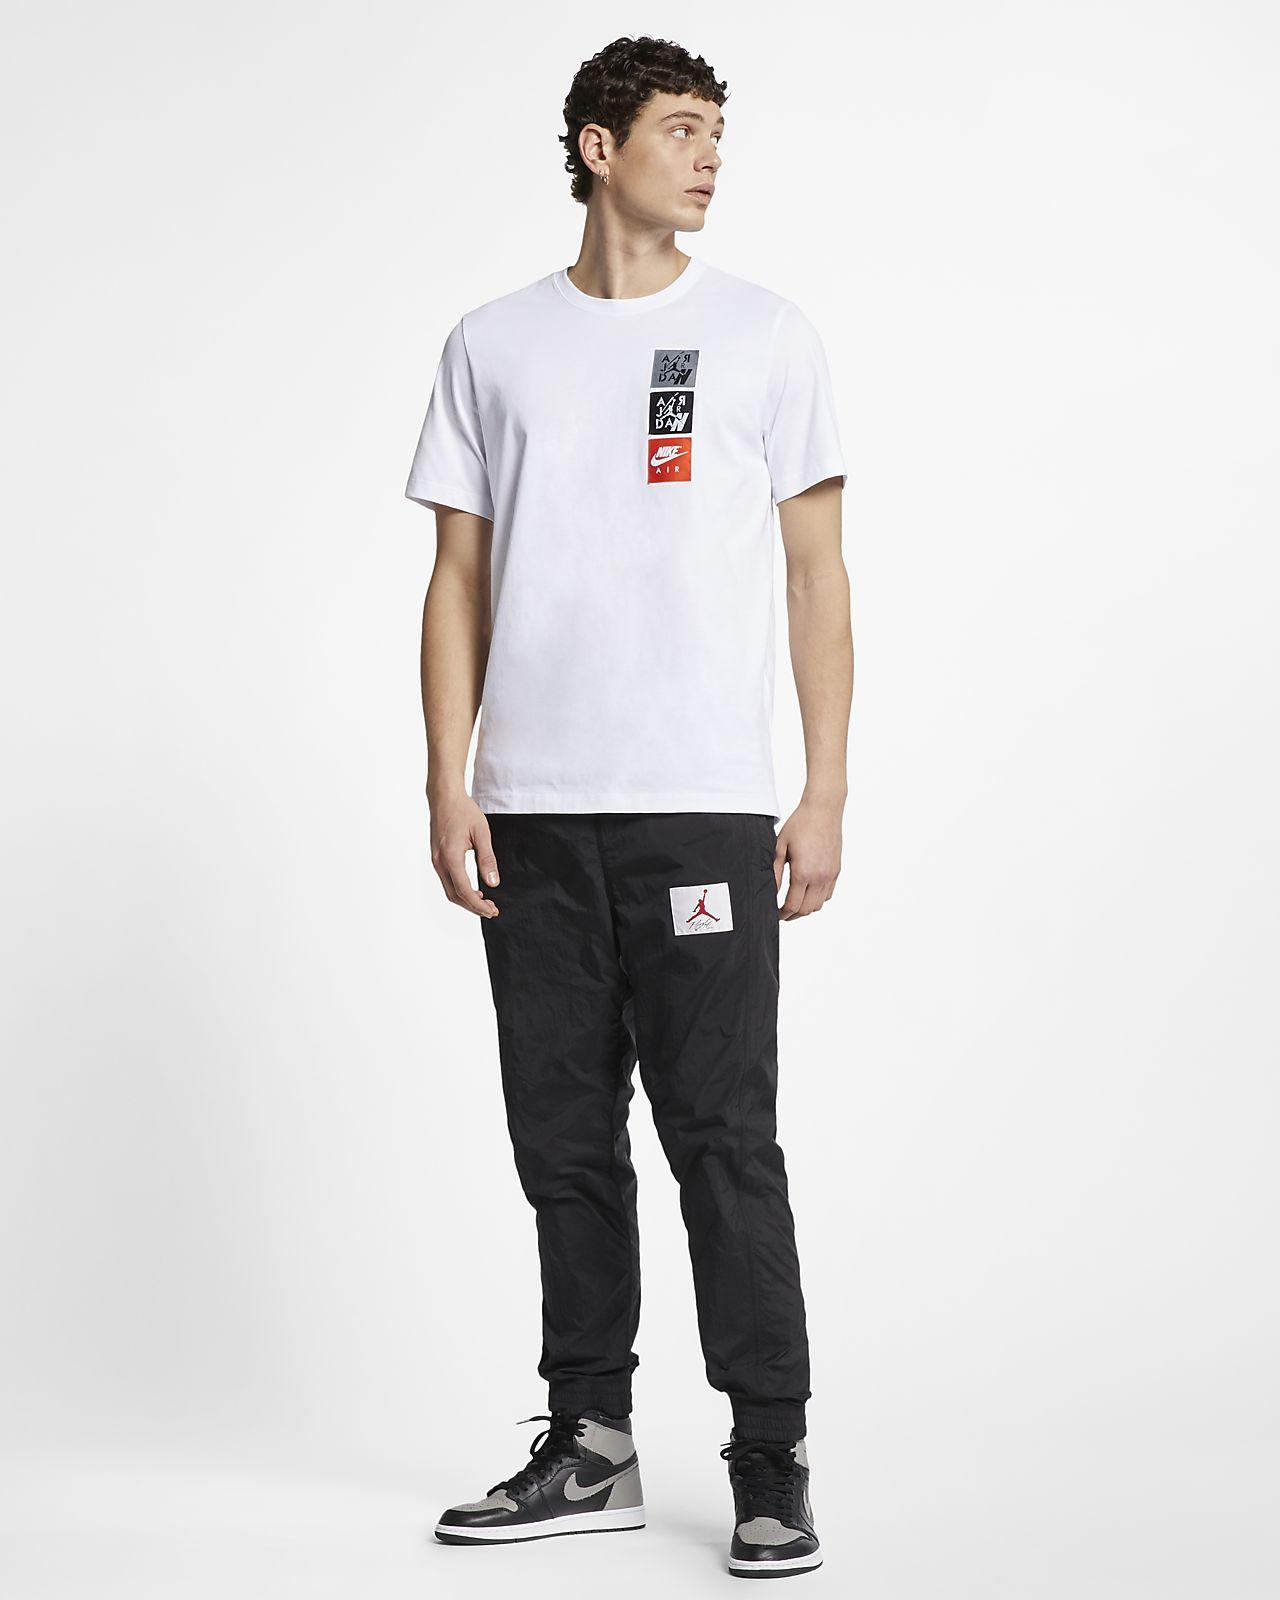 243ba39050 Jordan Legacy AJ4 Woven Labels Camiseta - Hombre. Nike.com ES